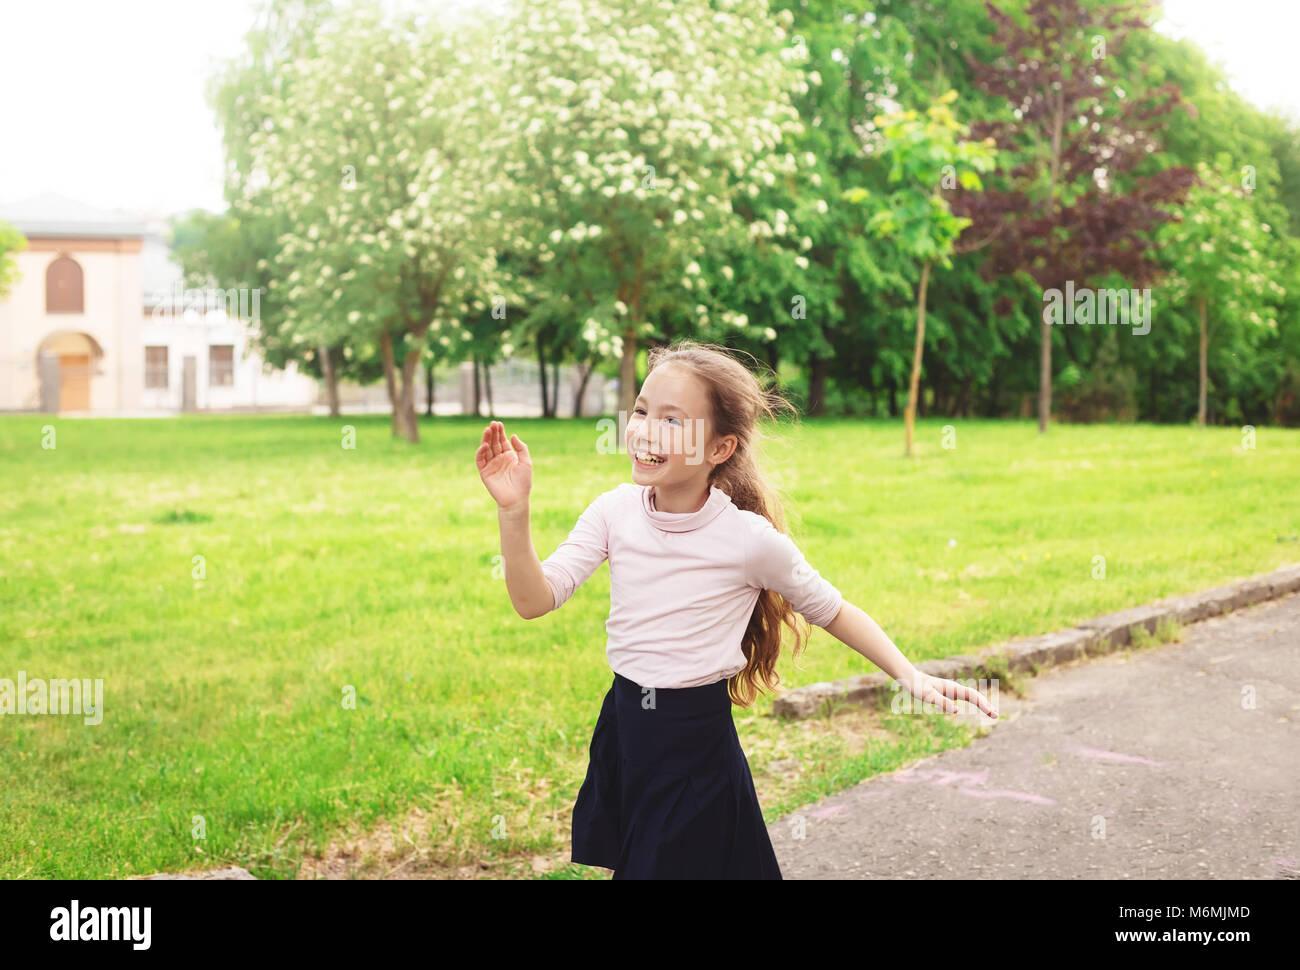 9fcc83ef7a4e78 Glückliches Kind Mädchen läuft auf Wiese im Sommer Tag Stockfoto ...